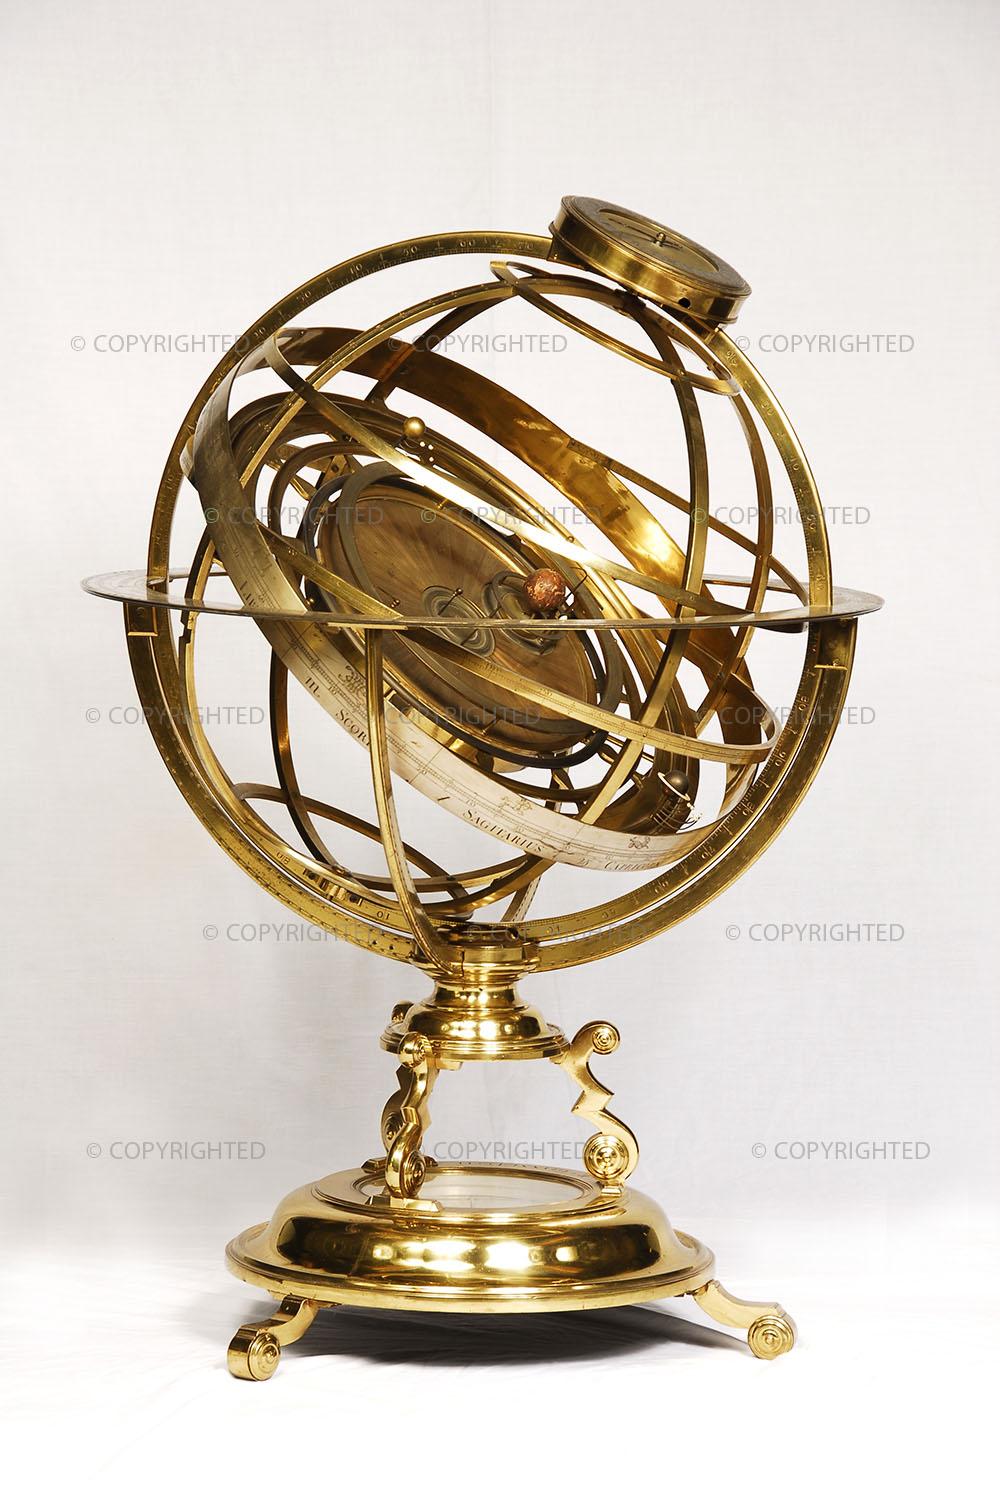 Richard Glynne  Armillary Sphere